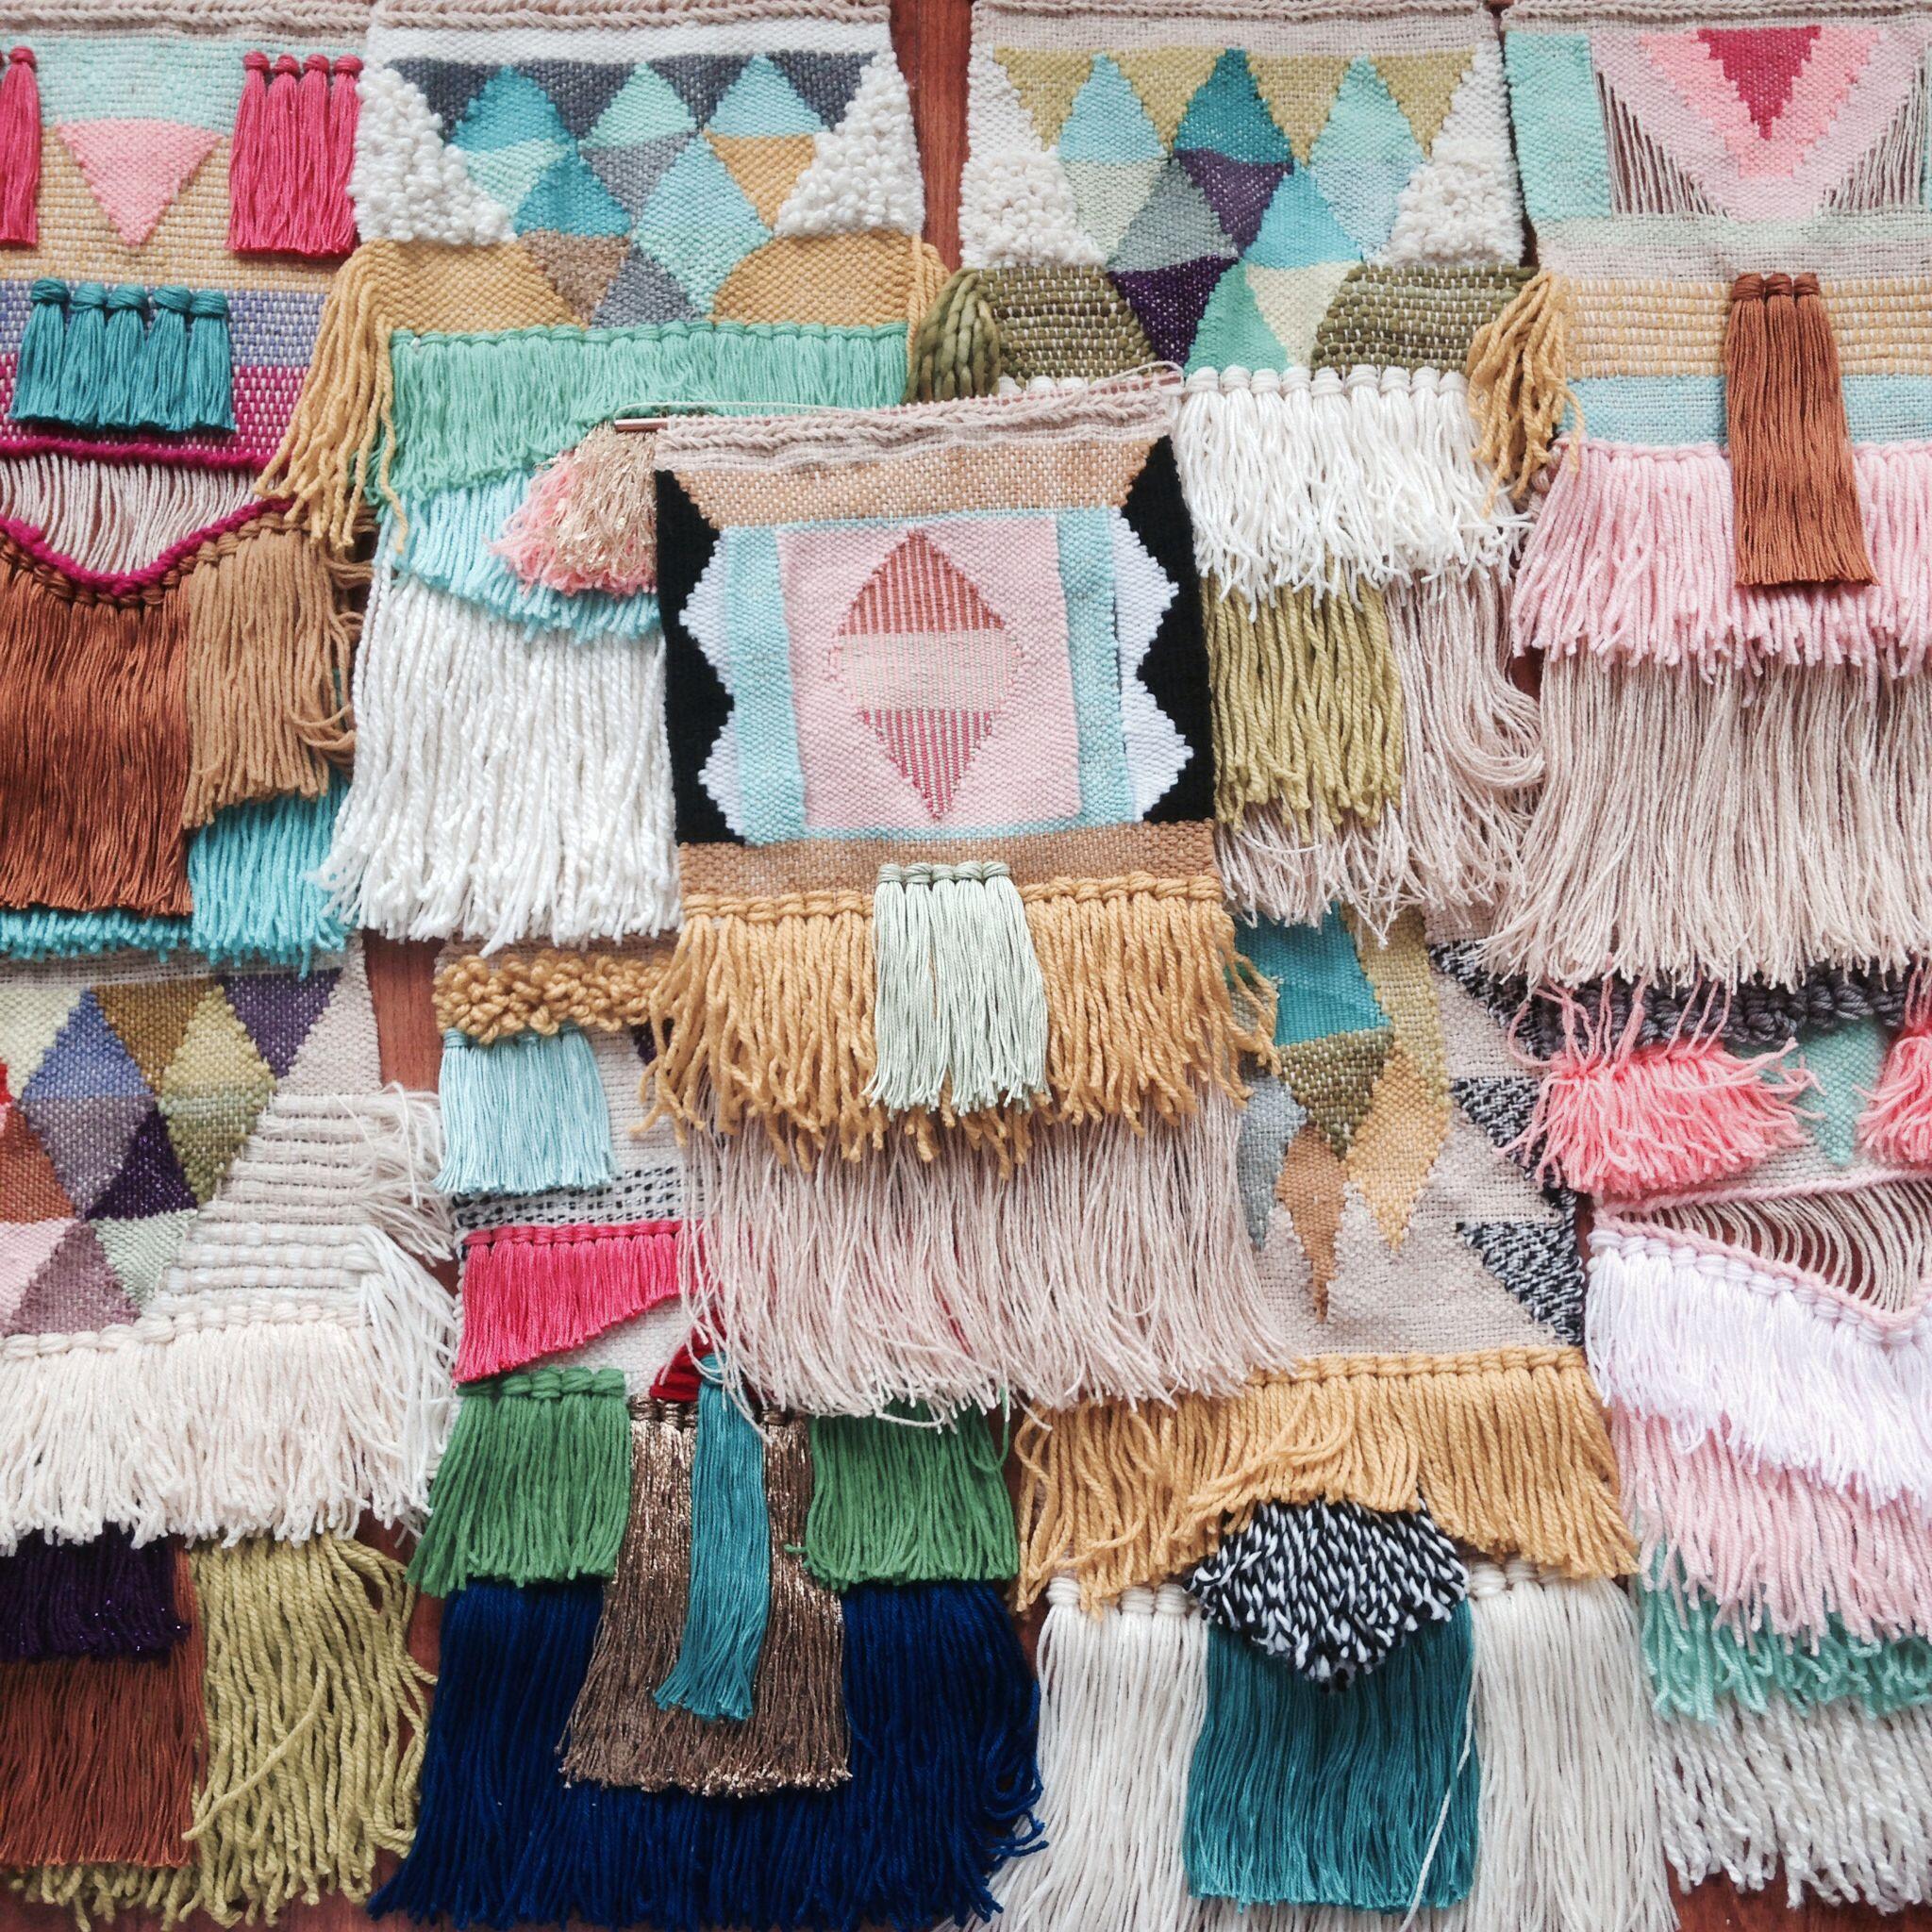 Weavings by Maryanne Moodie  www.maryannemoodie.com ✌️